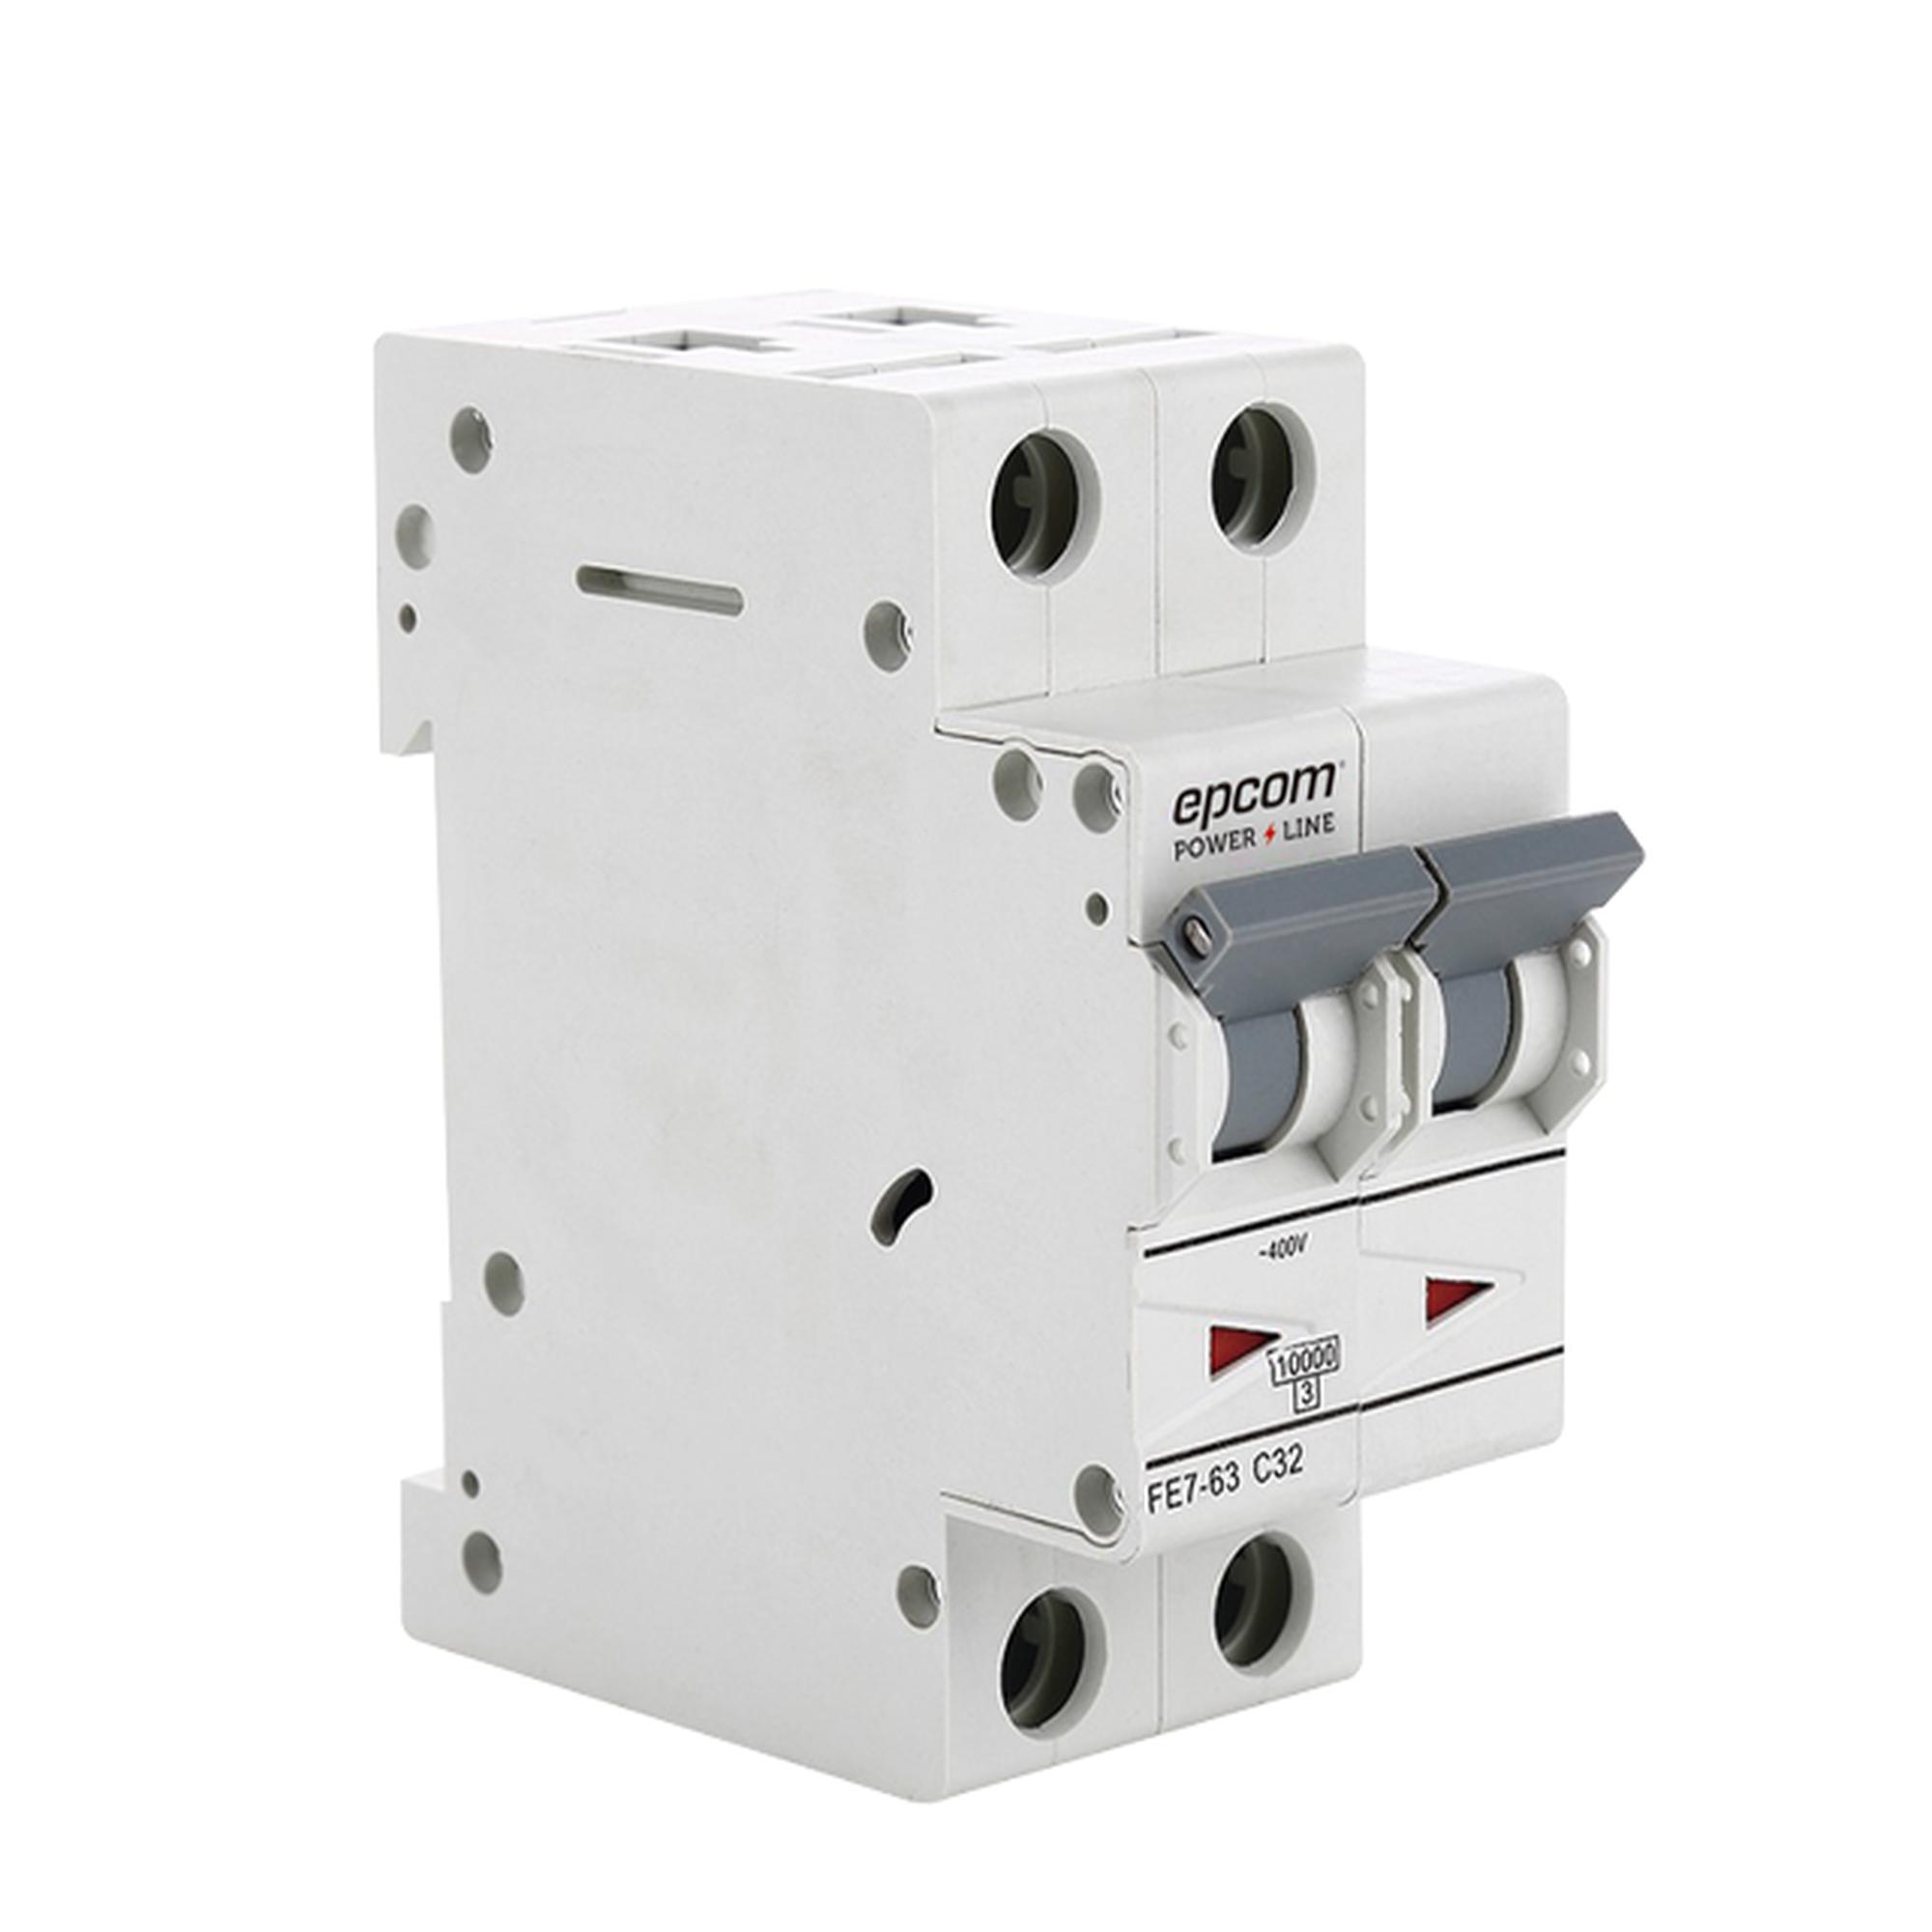 Protección Térmica 2P, 20A,  Corriente Alterna  400 Vca para Aplicación Fotovoltaica Montaje Riel DIN